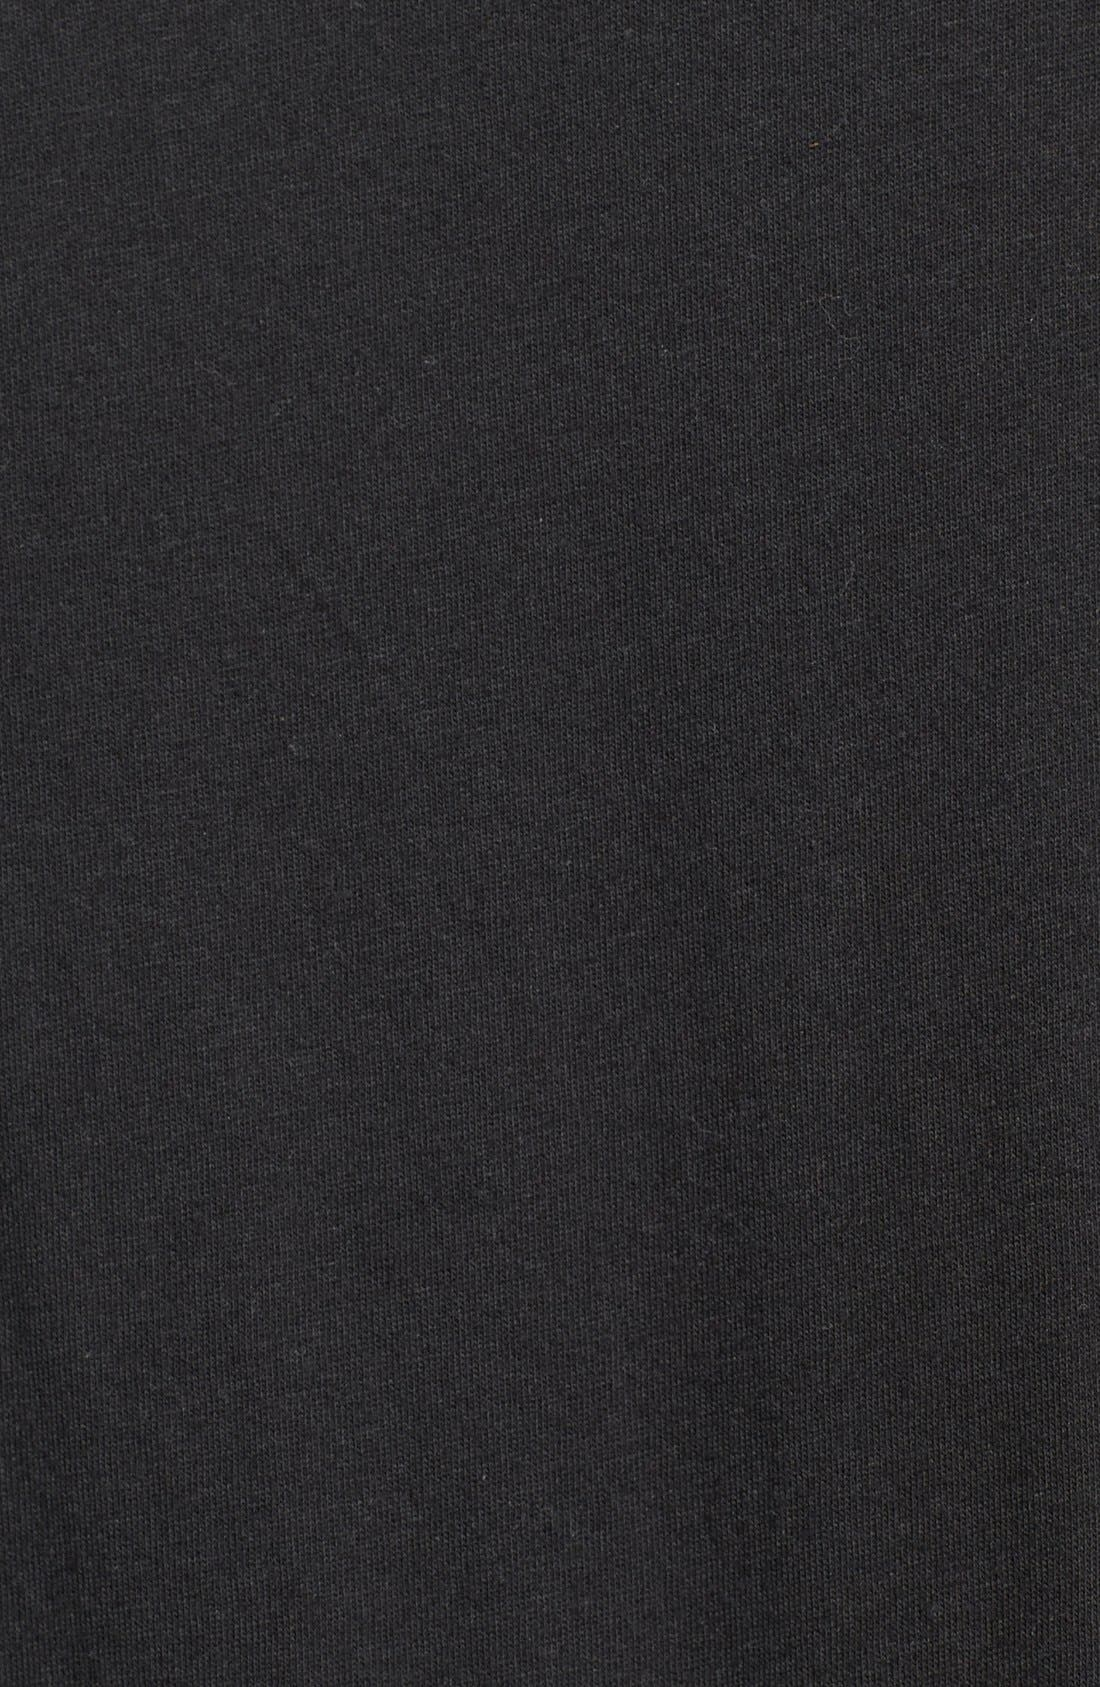 Short Sleeve V-Neck T-Shirt,                             Alternate thumbnail 3, color,                             BLACK